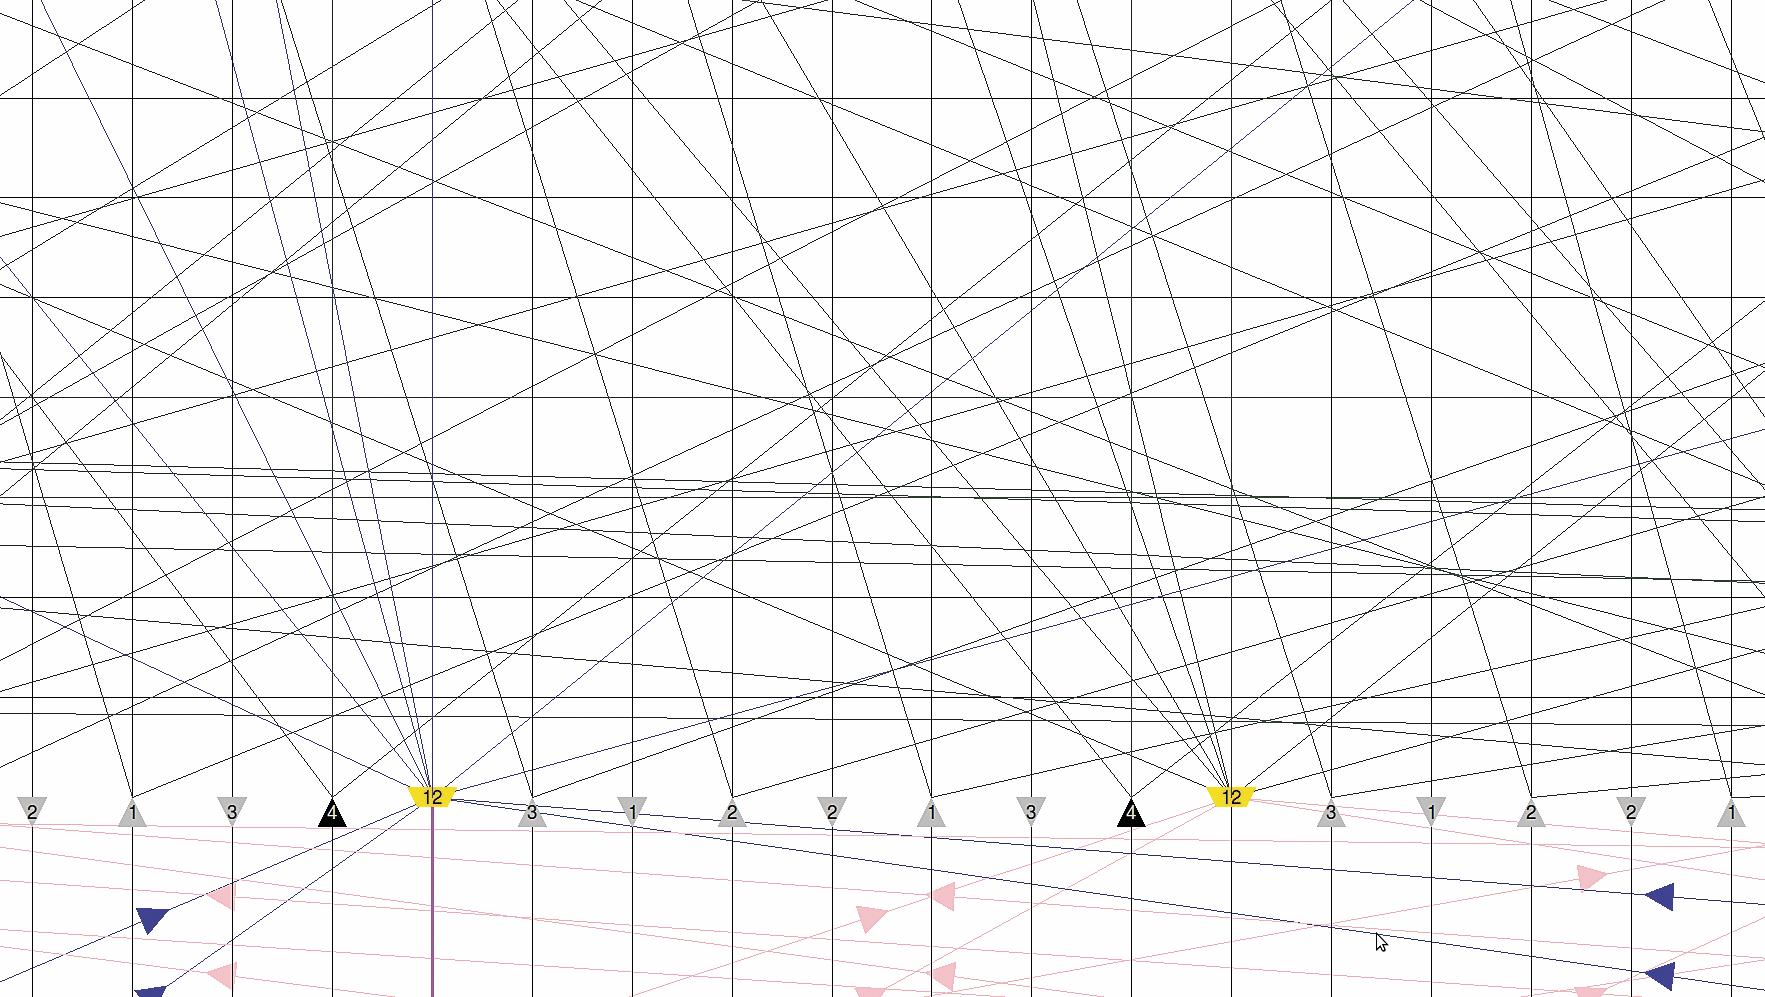 Детальное раскрытие структуры маршрутизатора Wilton в трассировочном канале. Мультиплексоры «12 в 1» отмечены желтым цветом